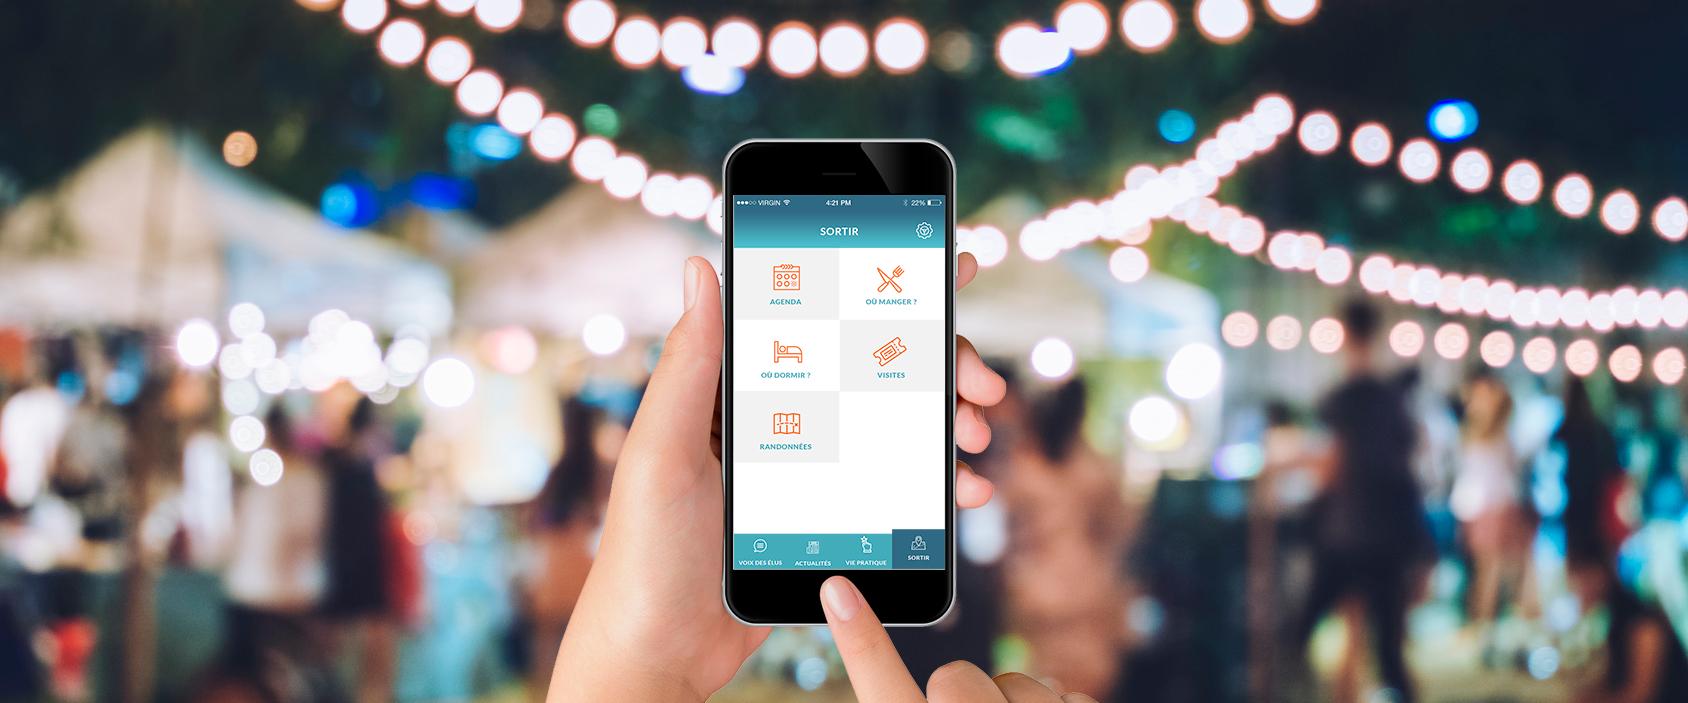 L'application mobile pour communiquer simplement et efficacement